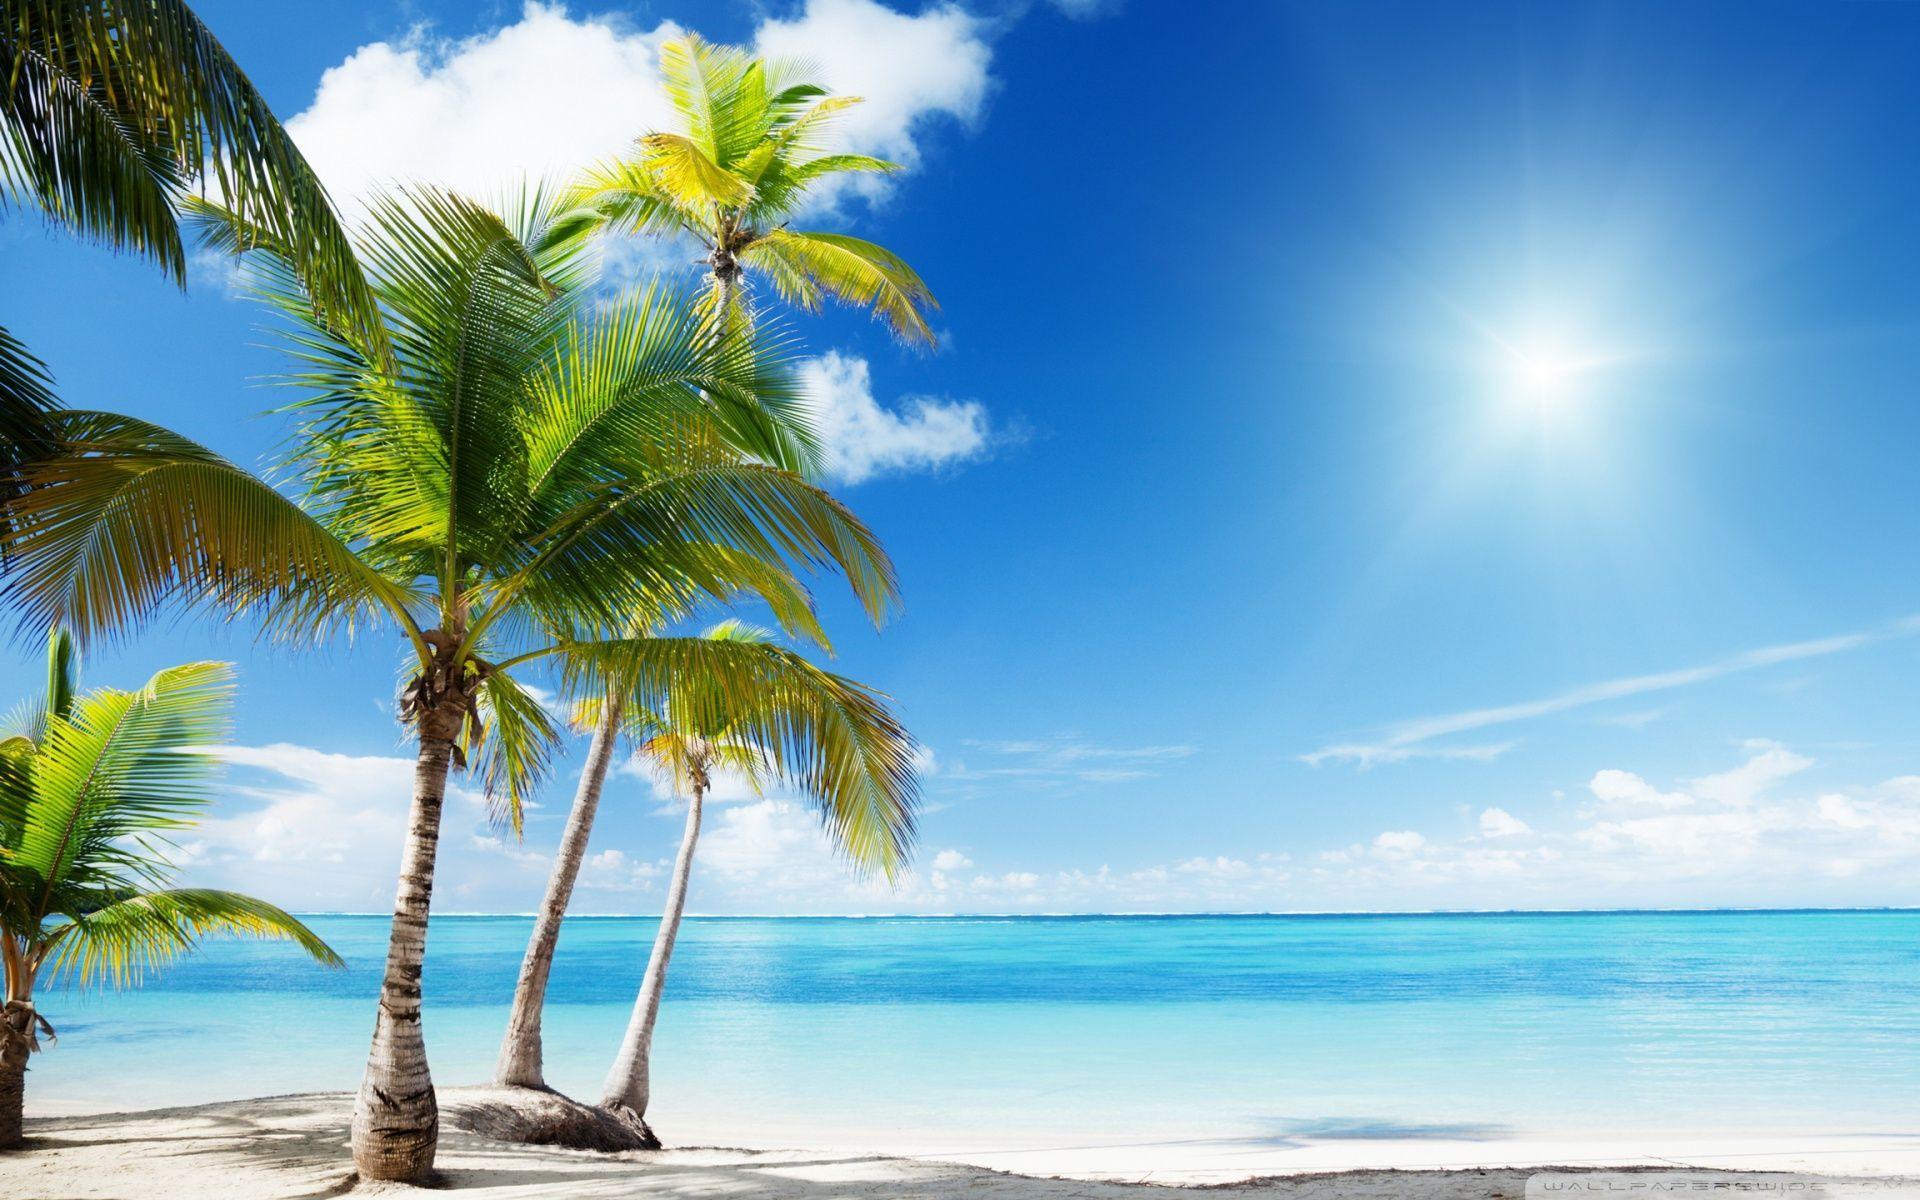 1920x1200 Tropical Beach Paradise ❤ Hình nền máy tính để bàn 4K HD cho 4K Ultra HD